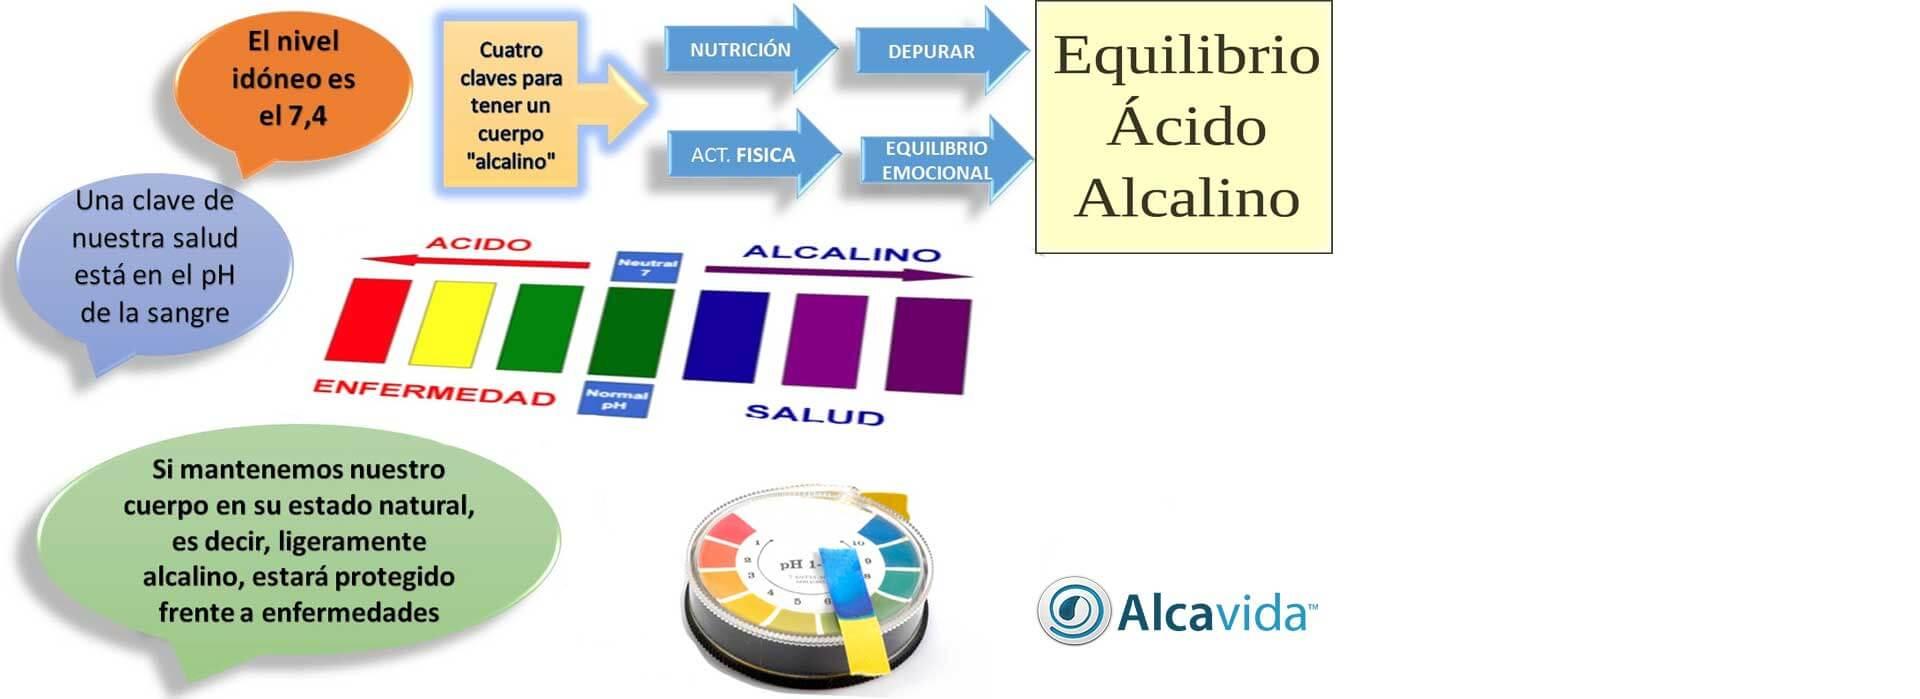 BENEFICIOS DE TENER UN CUERPO ALCALINO